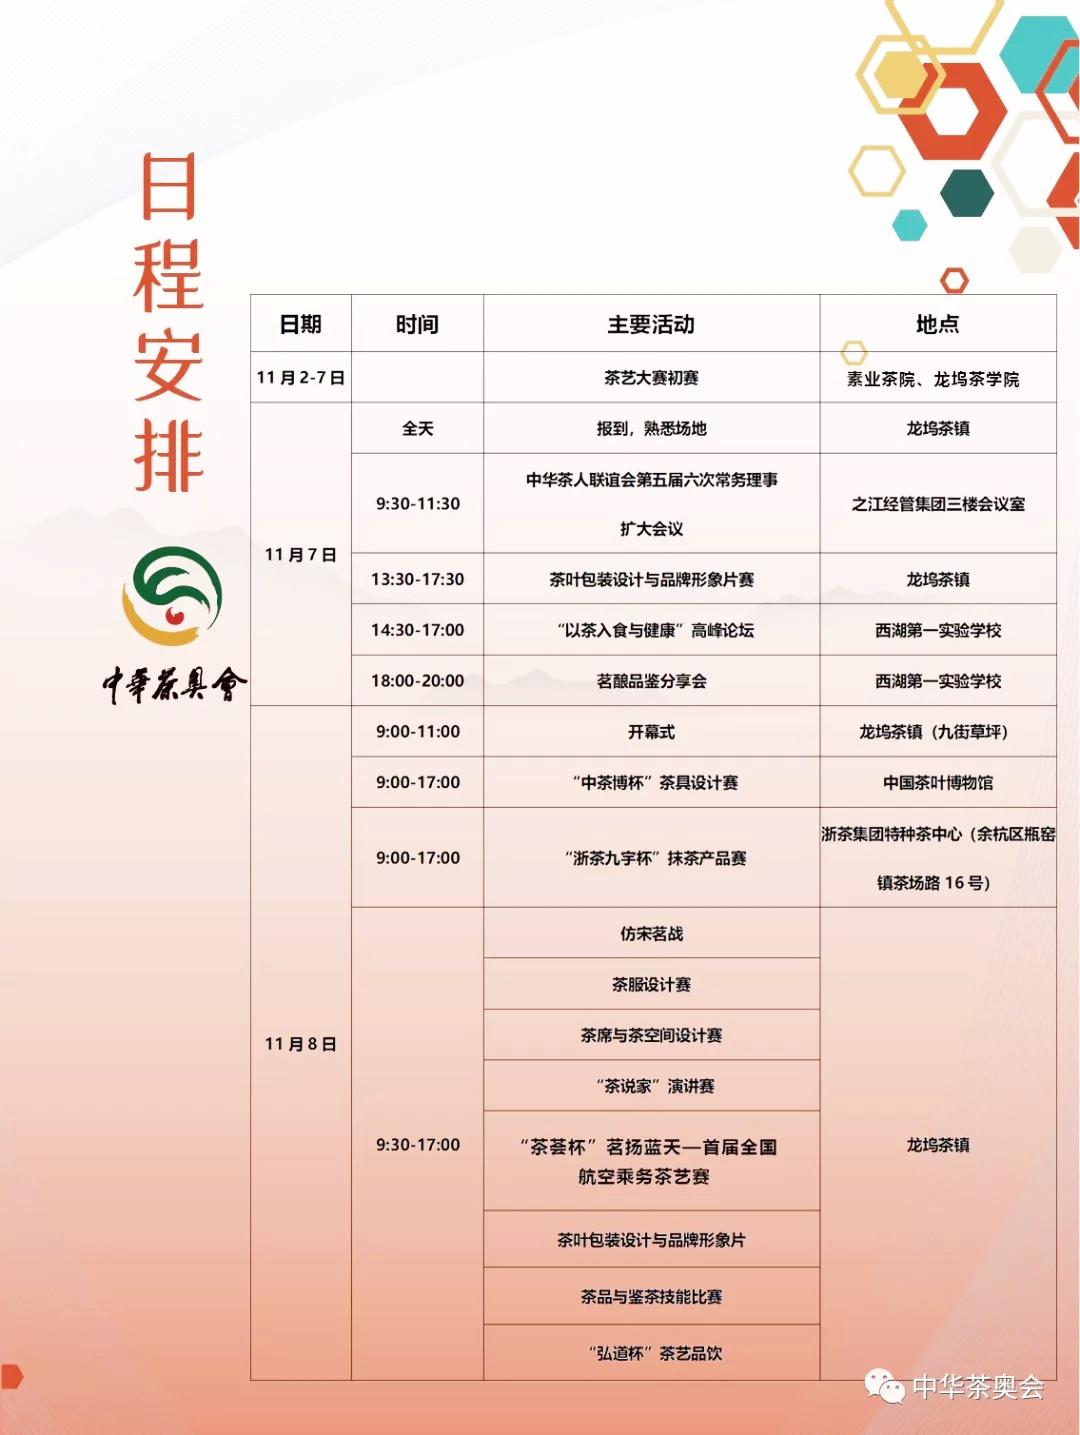 中华茶奥会举办时间及日程表